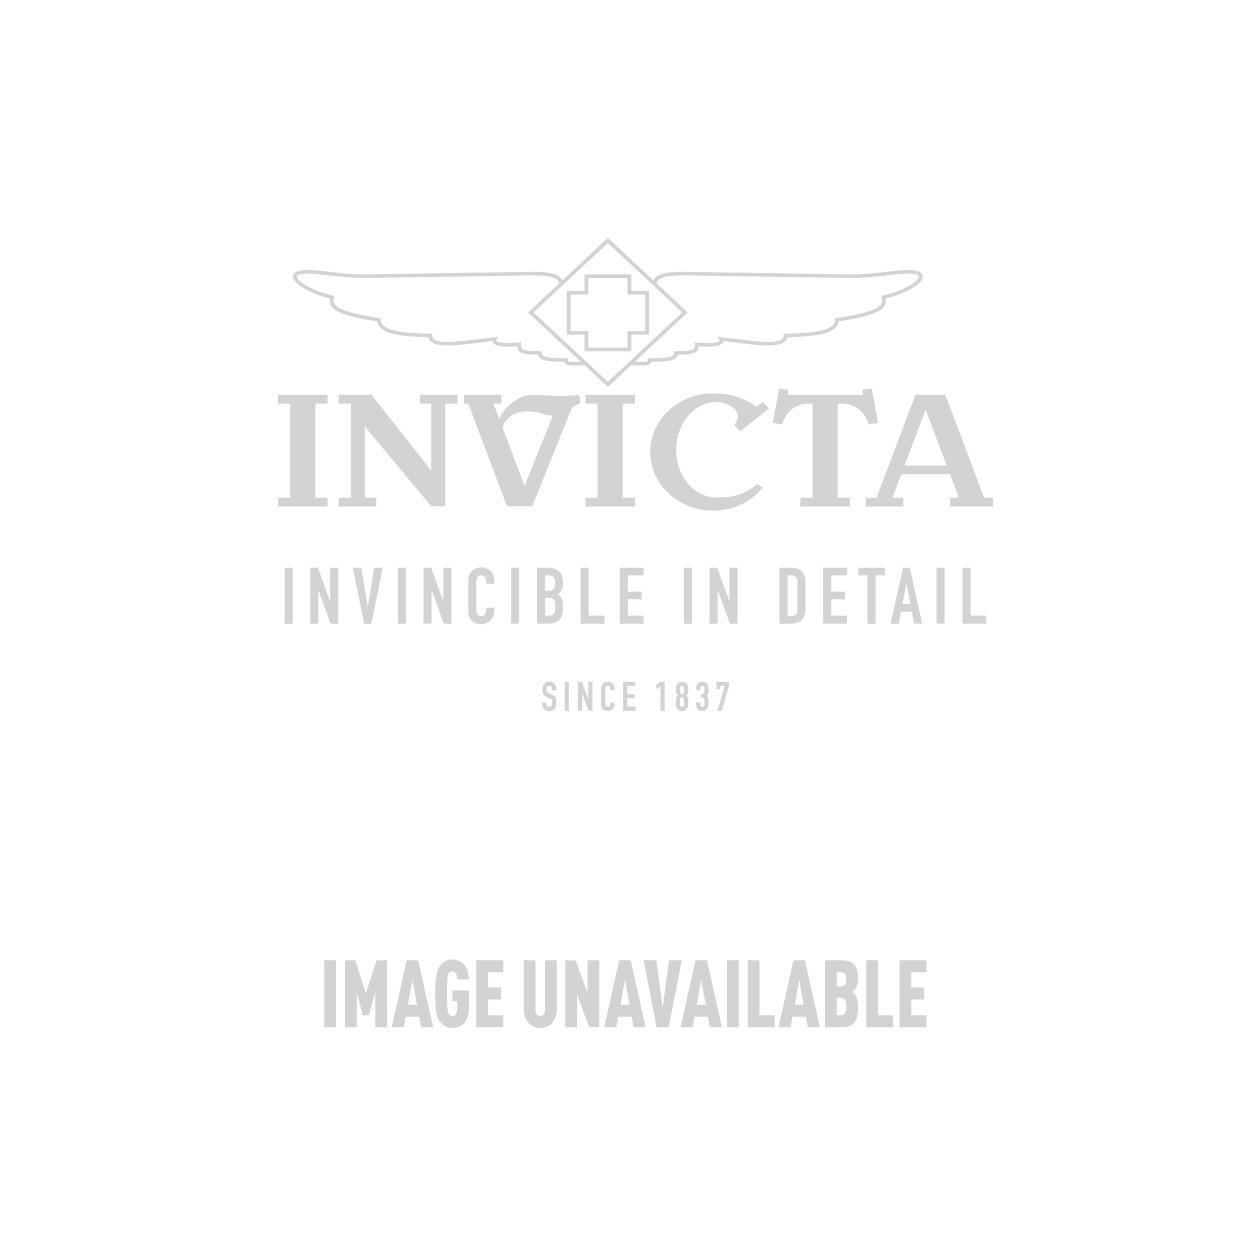 Invicta Model 25326